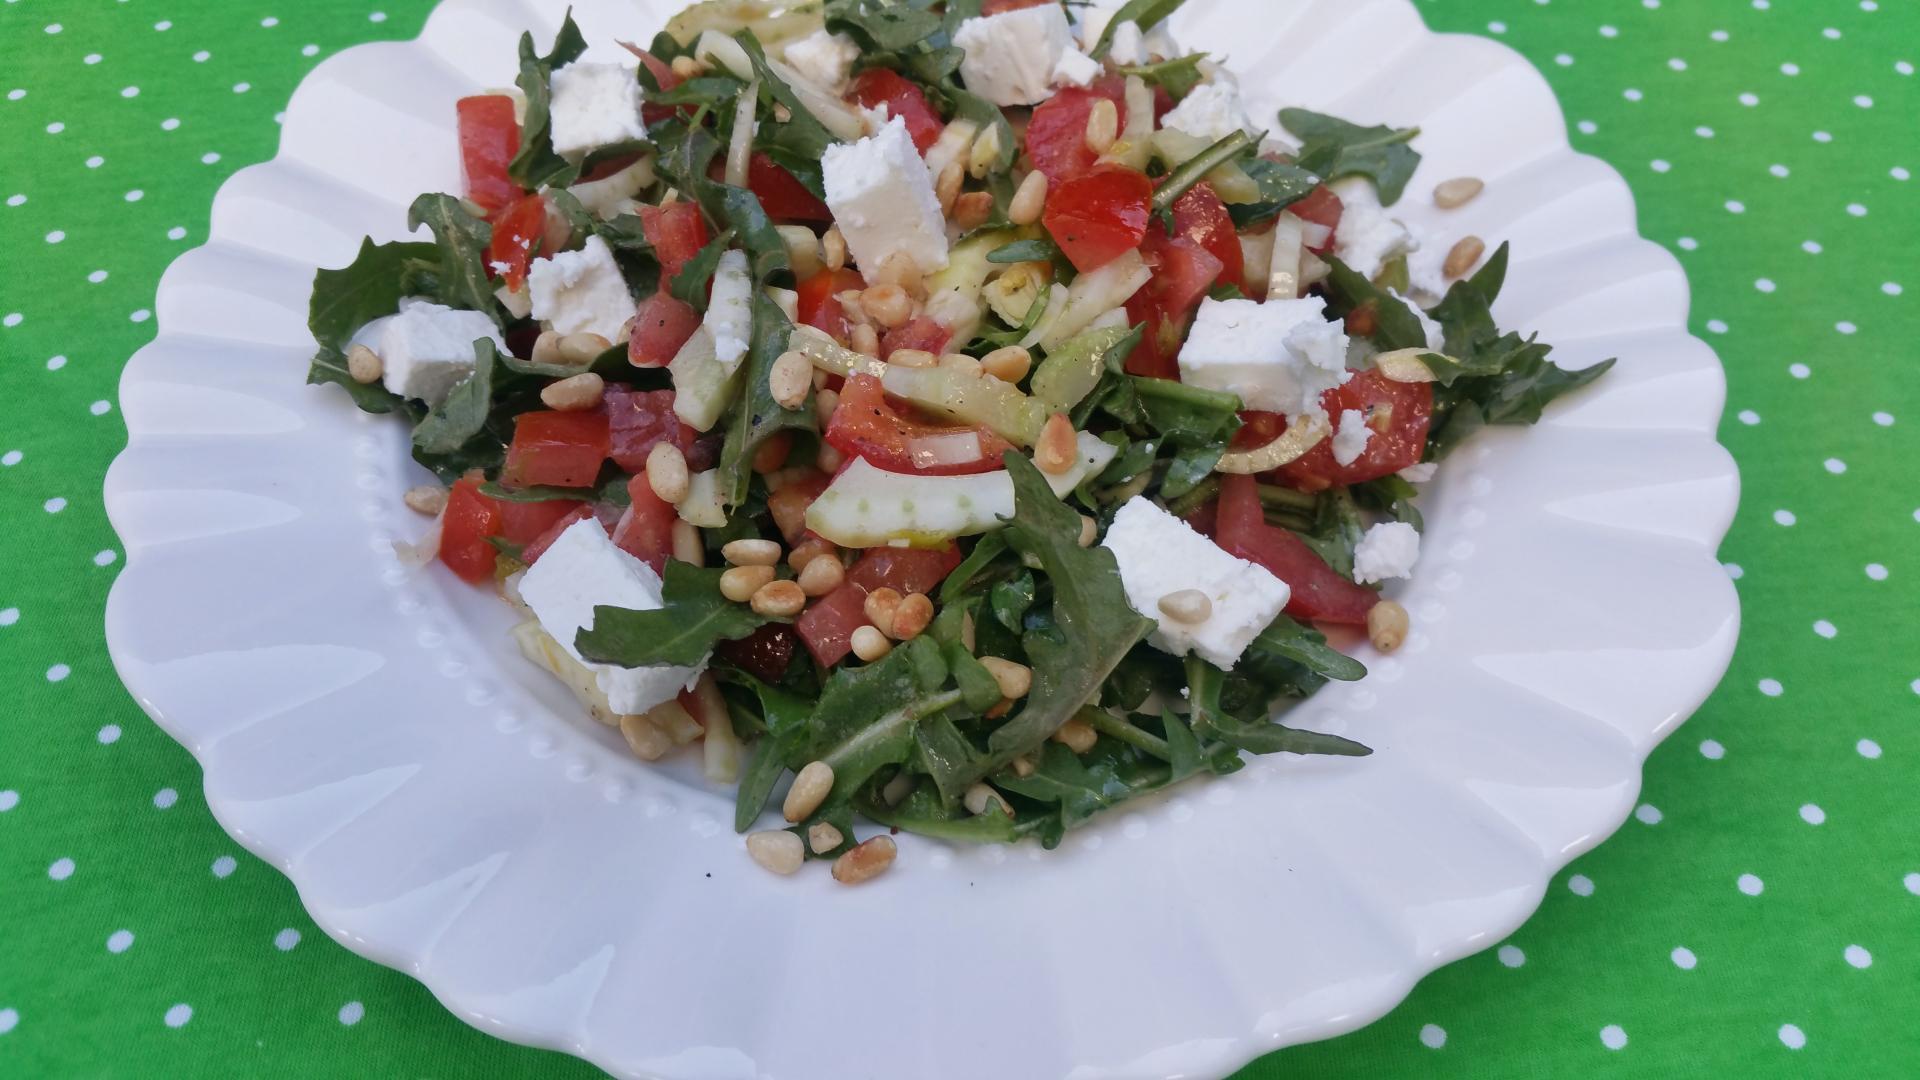 Uitgelichte foto voor het bericht Venkelsalade met tomaat en rucola